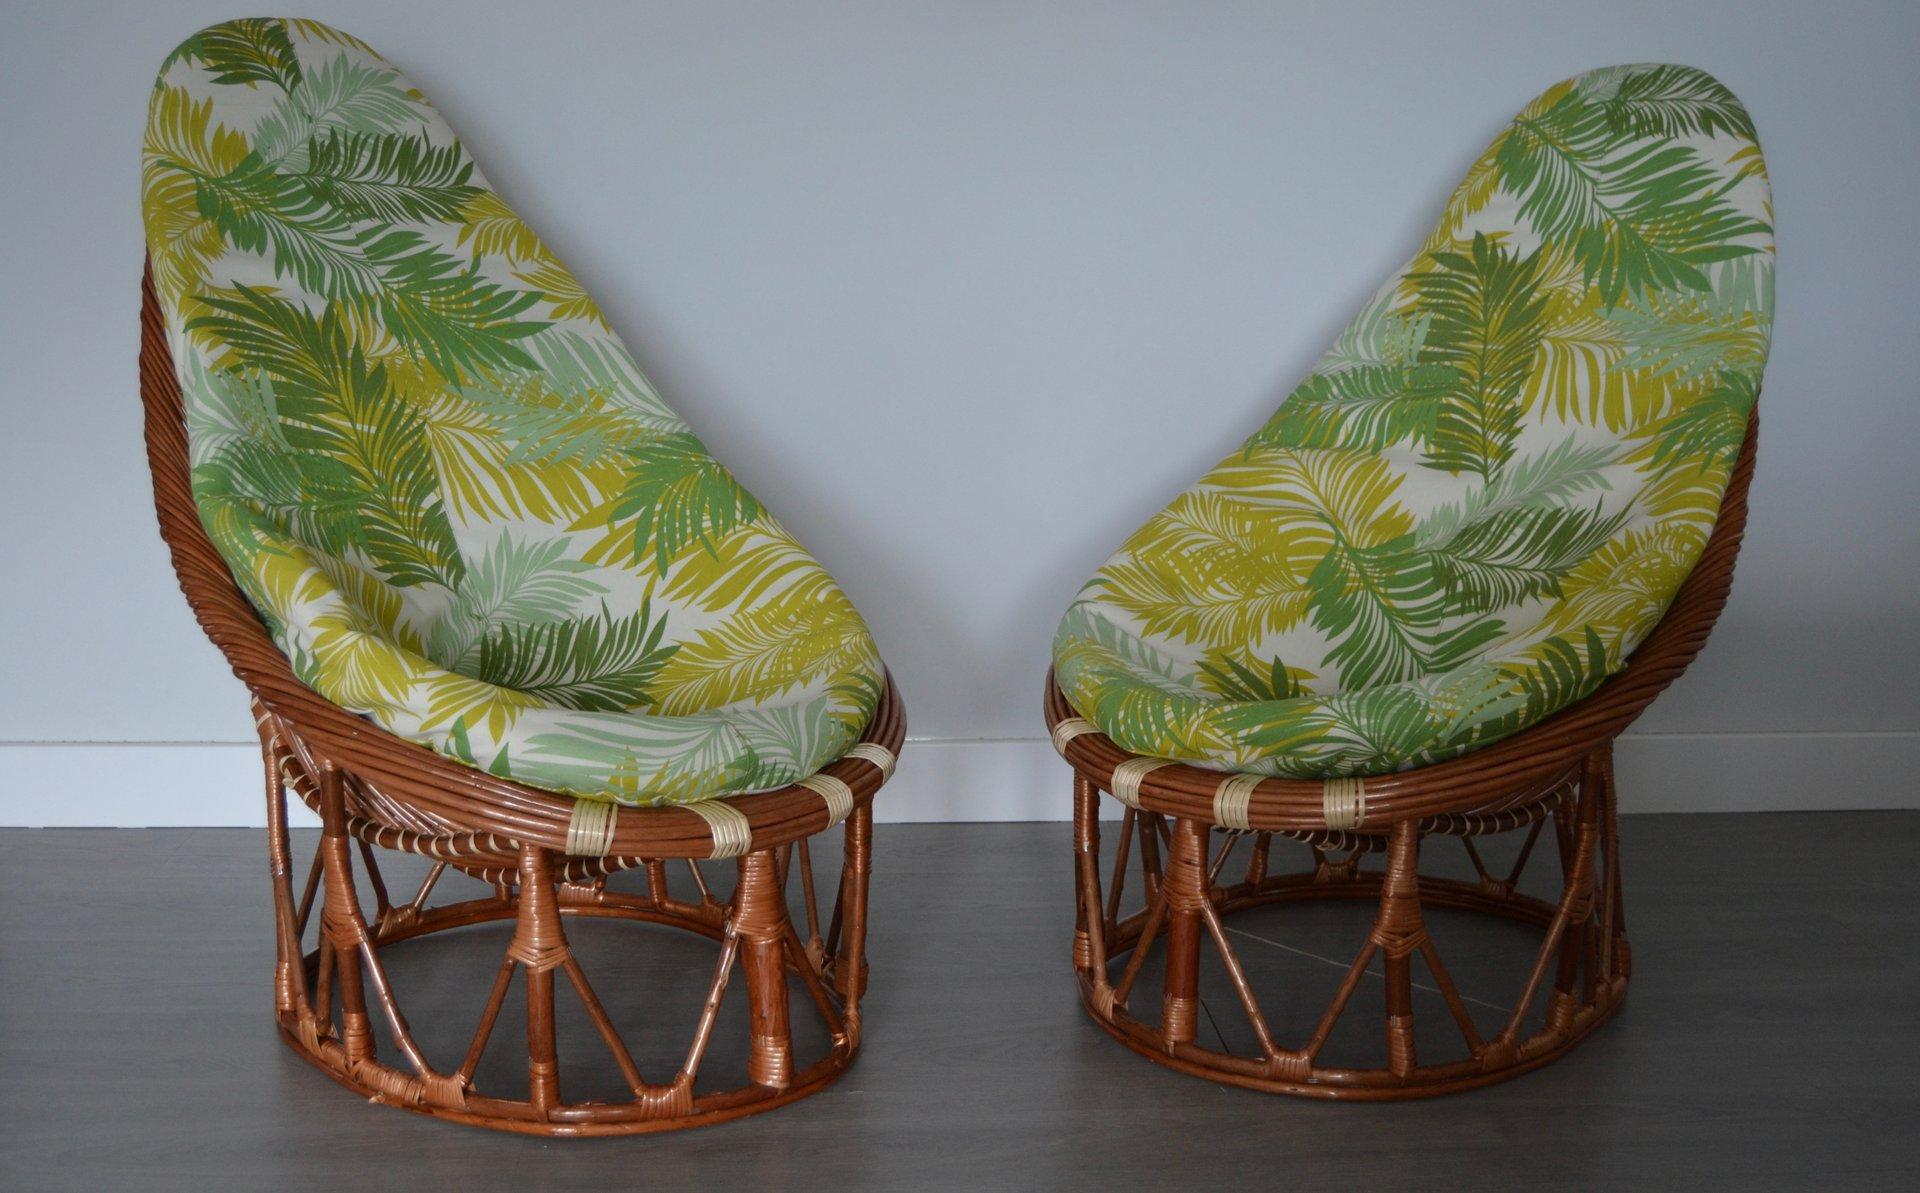 Sessel aus Bambus und Rattan, 1980er